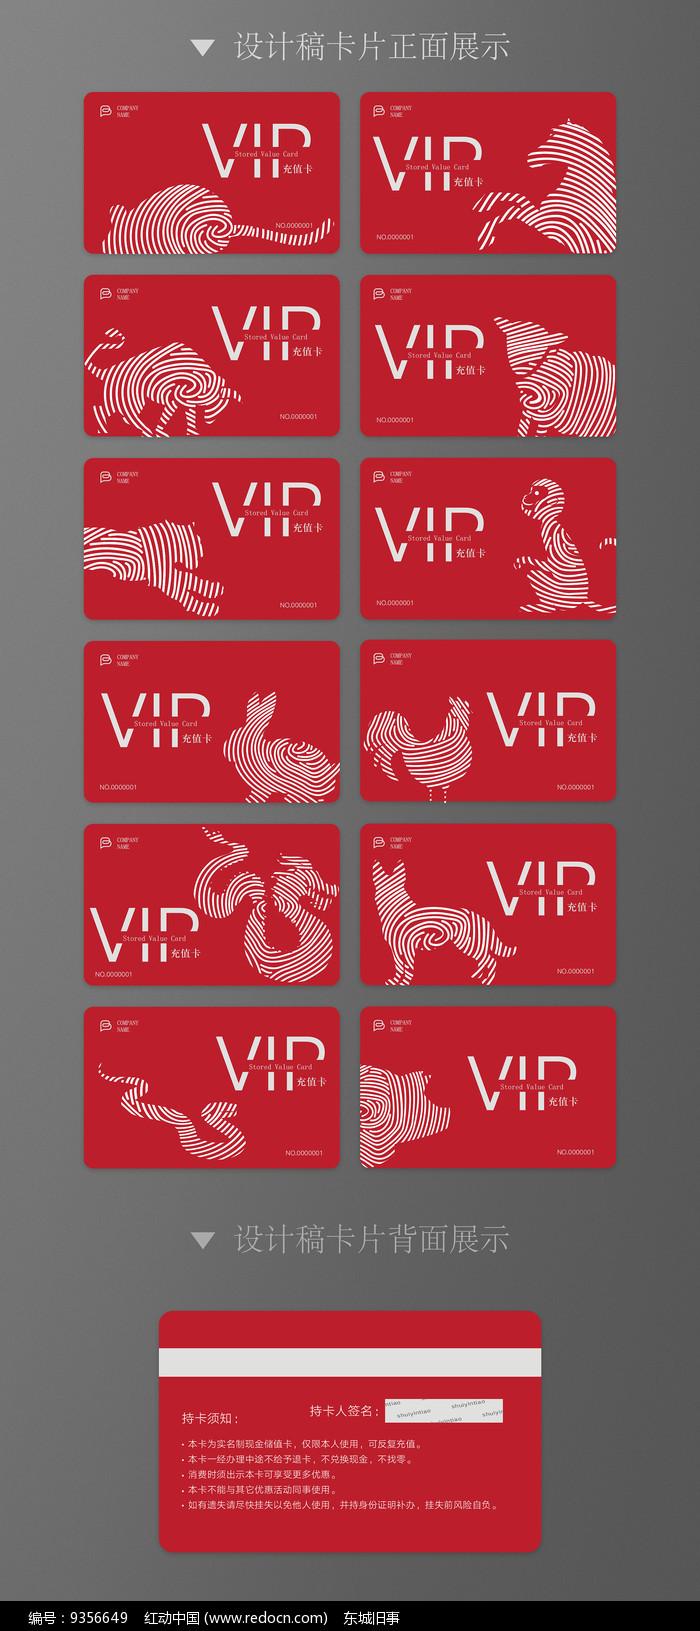 12生肖合集会员卡图片